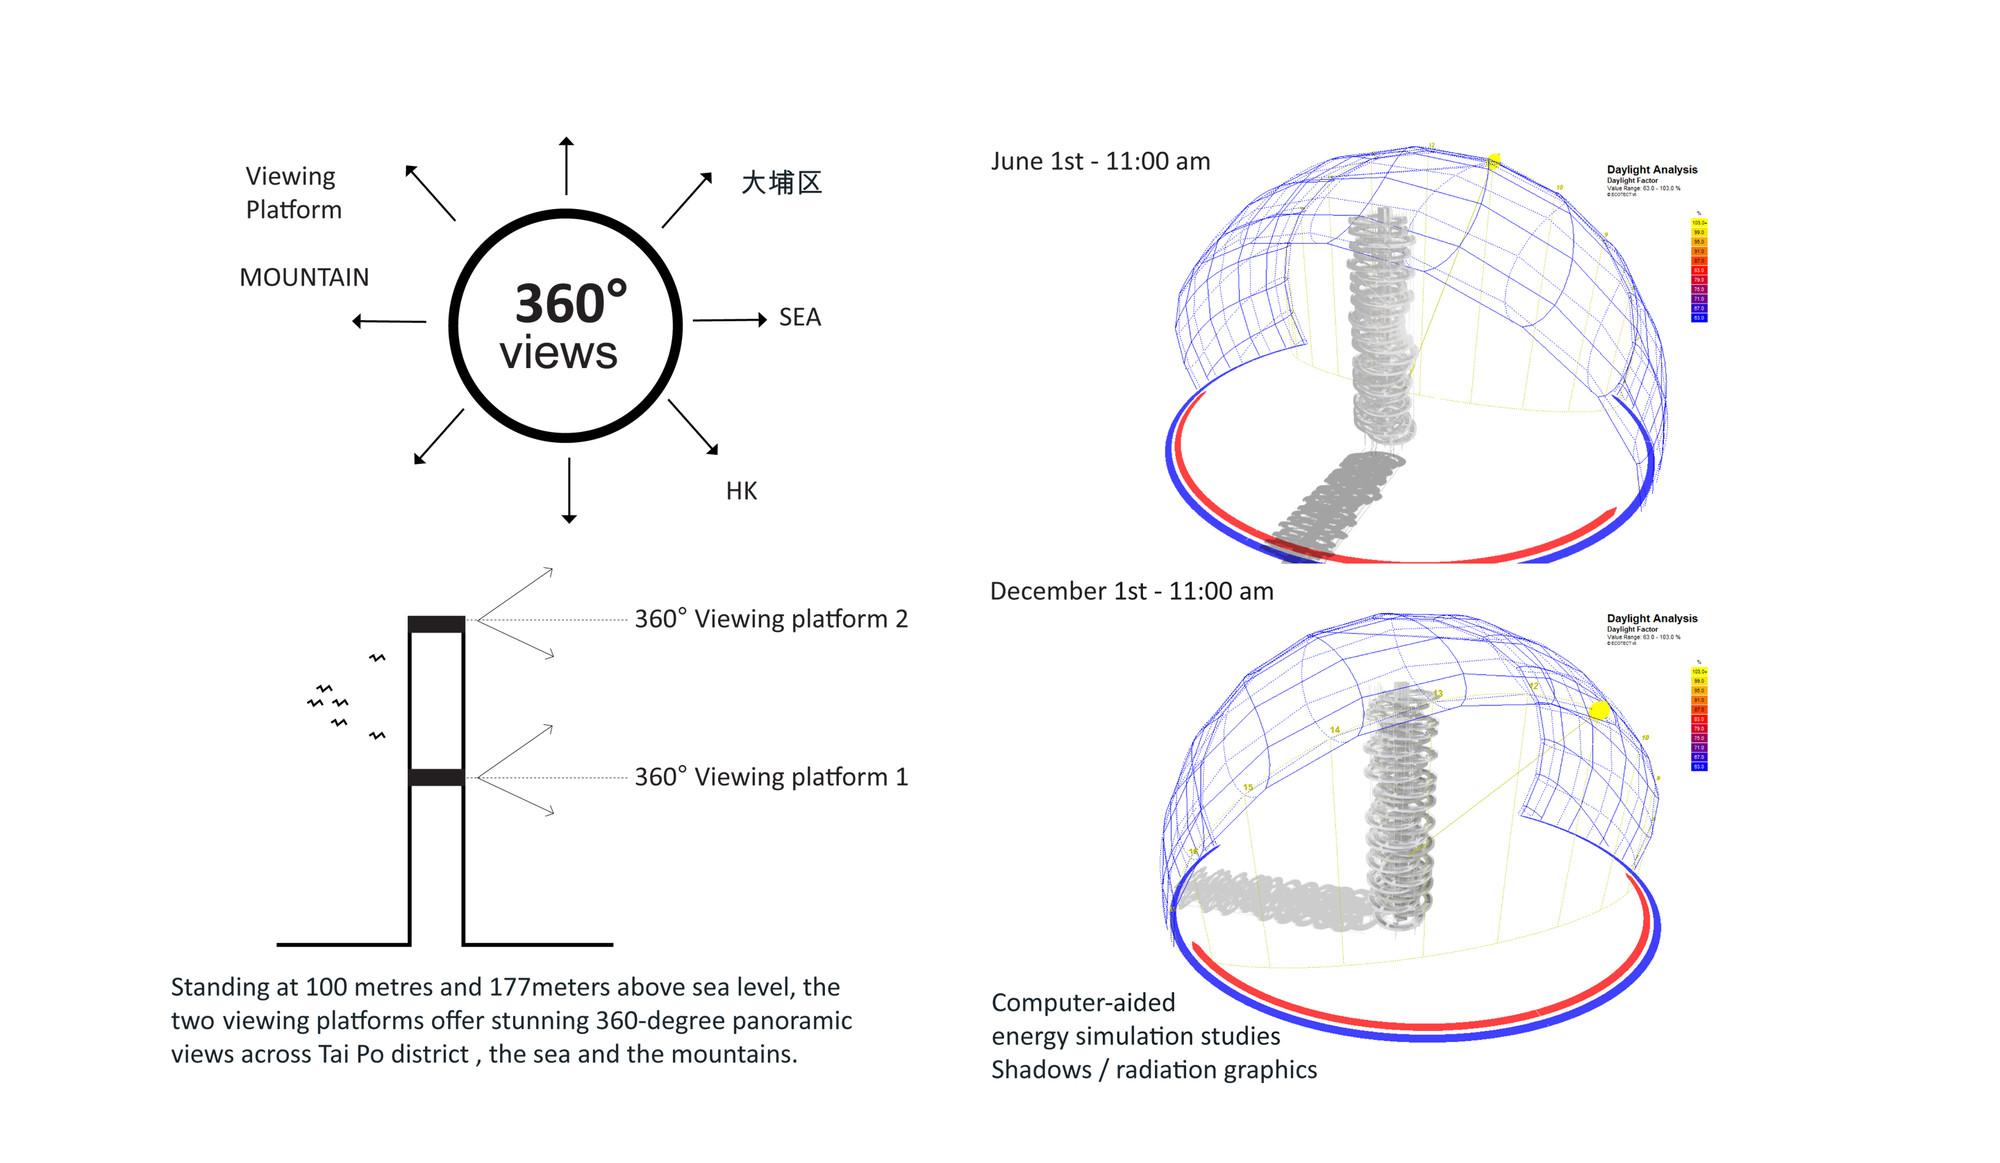 Galeria de dyv net proposta de redes verticais dinmicas japa ampliar imagem tamanho original ccuart Choice Image